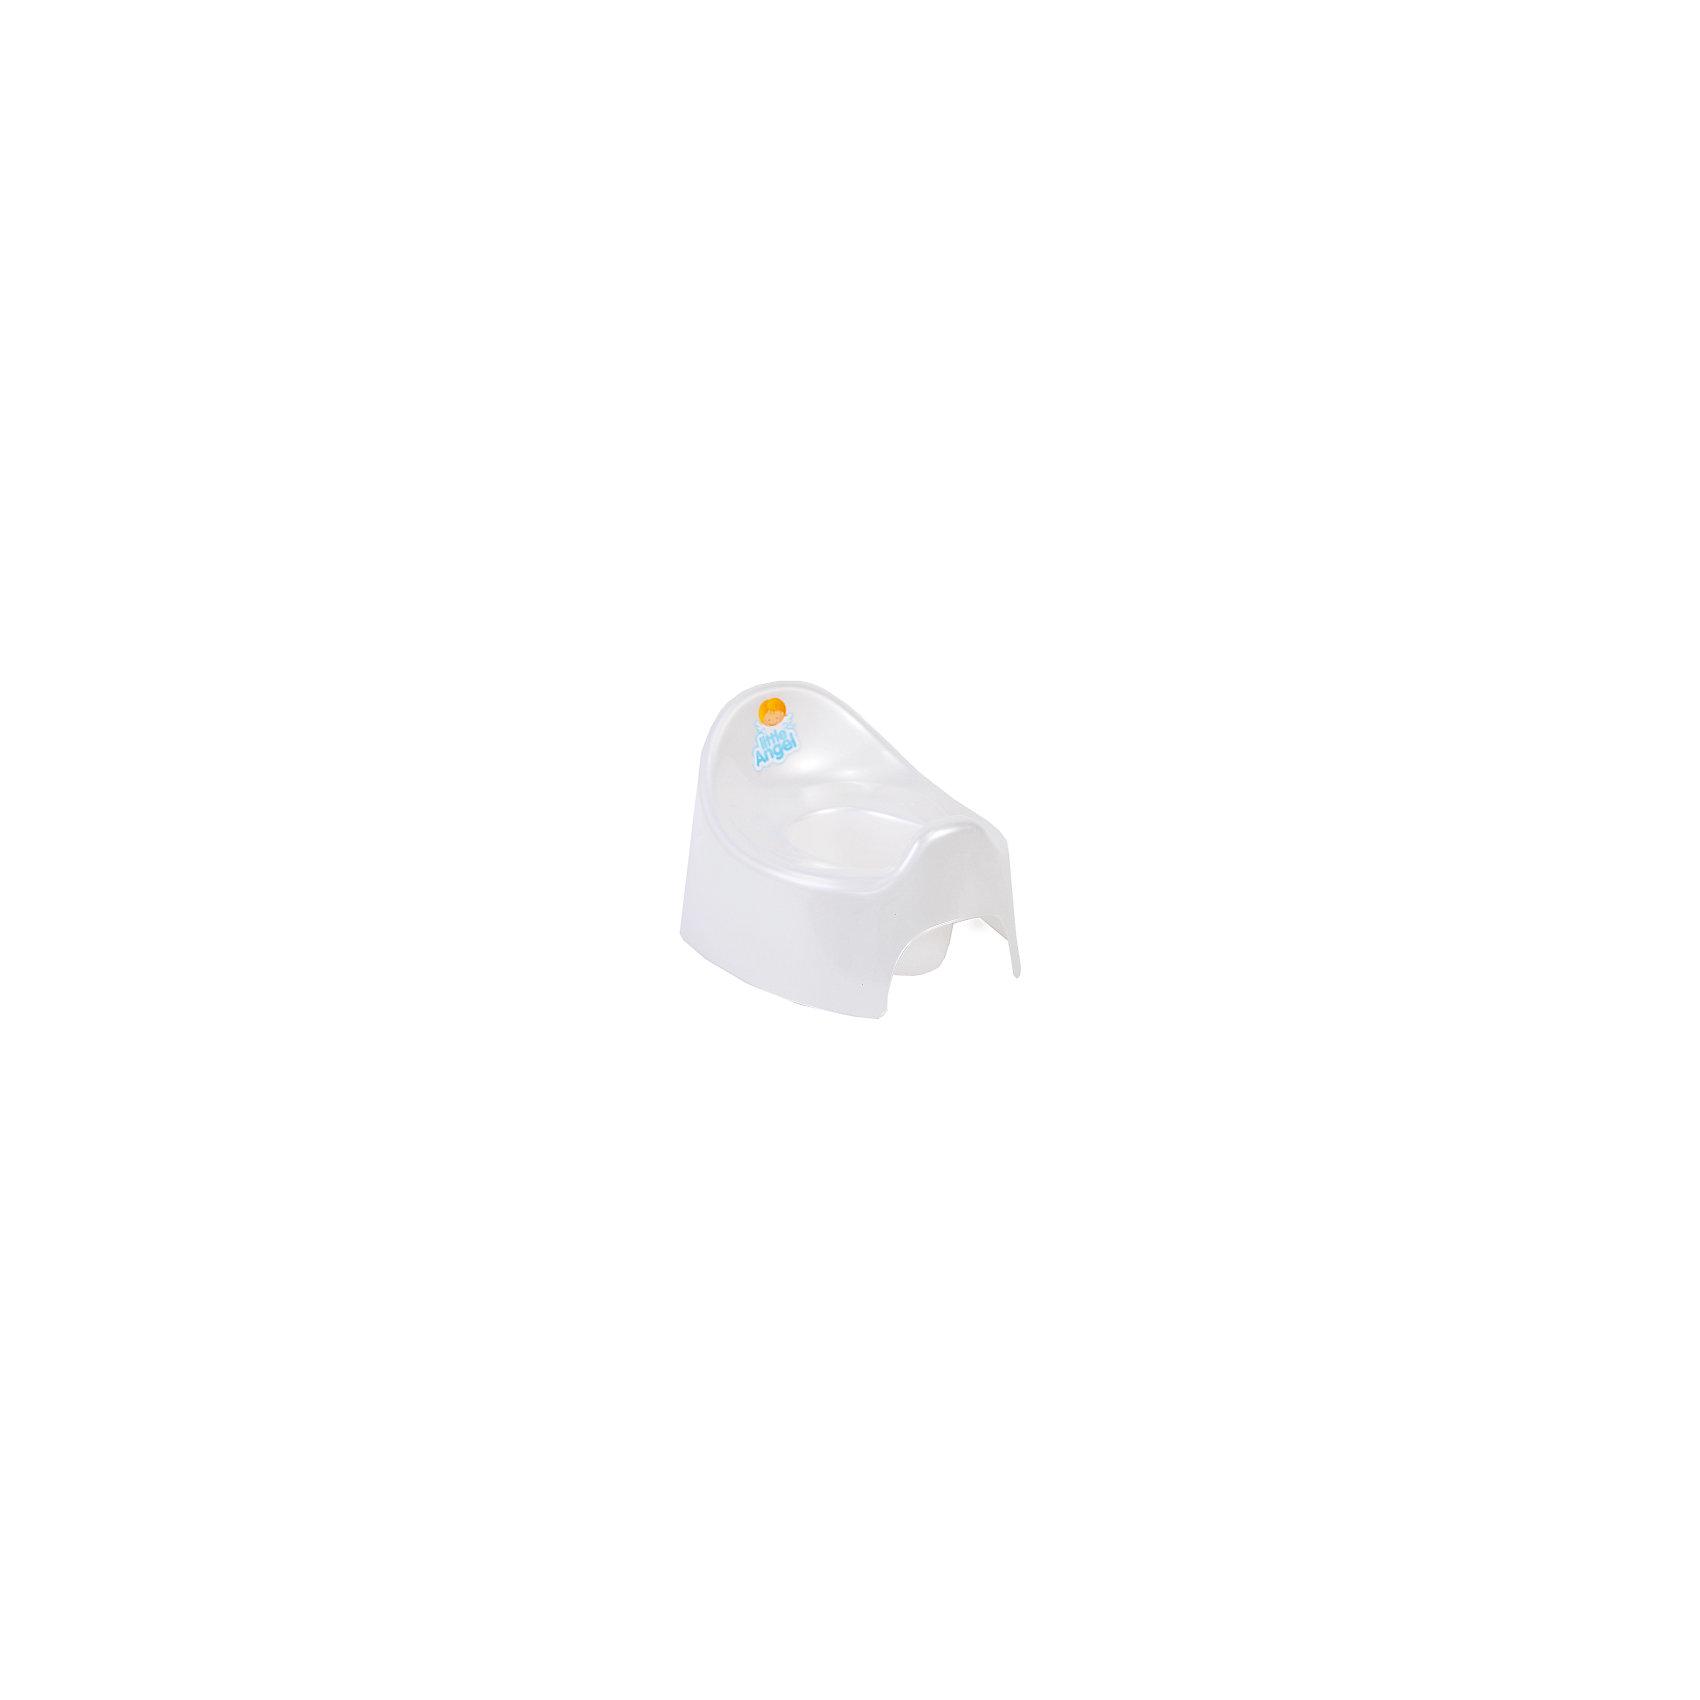 Горшок Im, Little Angel, белыйГоршки, сиденья для унитаза, стульчики-подставки<br>Горшок Im, Little Angel, белый изготовлен отечественным производителем  из высококачественного экологически безопасного и прочного пластика. Горшок состоит из двух частей: корпуса и съемной внутренней части, что обеспечивает удобство в уходе за ним. У горшков данной серии имеется завышенная задняя спинка и боковые бортики. Горшок Im, Little Angel, белый подходит даже для тех детей, которые только учатся сидеть. Горшок отличается высокой устойчивостью, что защищает его от опрокидывания.     <br>Горшок Im, Little Angel, белый имеет компактные размеры, поэтому его можно брать с собой в путешествия. Кроме того, он достаточно прост в уходе ? легко моется водой.<br><br>Дополнительная информация:<br><br>- Предназначение: для дома<br>- Цвет: белый<br>- Пол: для мальчика/для девочки<br>- Материал: пластик<br>- Размер (Д*Ш*В): 28,5*23,7*18 см<br>- Вес: 239 г<br>- Особенности ухода: разрешается мыть<br><br>Подробнее:<br><br>• Для детей в возрасте: от 0 лет и до 3 лет<br>• Страна производитель: Россия<br>• Торговый бренд: Little Angel<br><br>Горшок Im, Little Angel, белый можно купить в нашем интернет-магазине.<br><br>Ширина мм: 285<br>Глубина мм: 237<br>Высота мм: 180<br>Вес г: 239<br>Возраст от месяцев: 0<br>Возраст до месяцев: 36<br>Пол: Унисекс<br>Возраст: Детский<br>SKU: 4881801